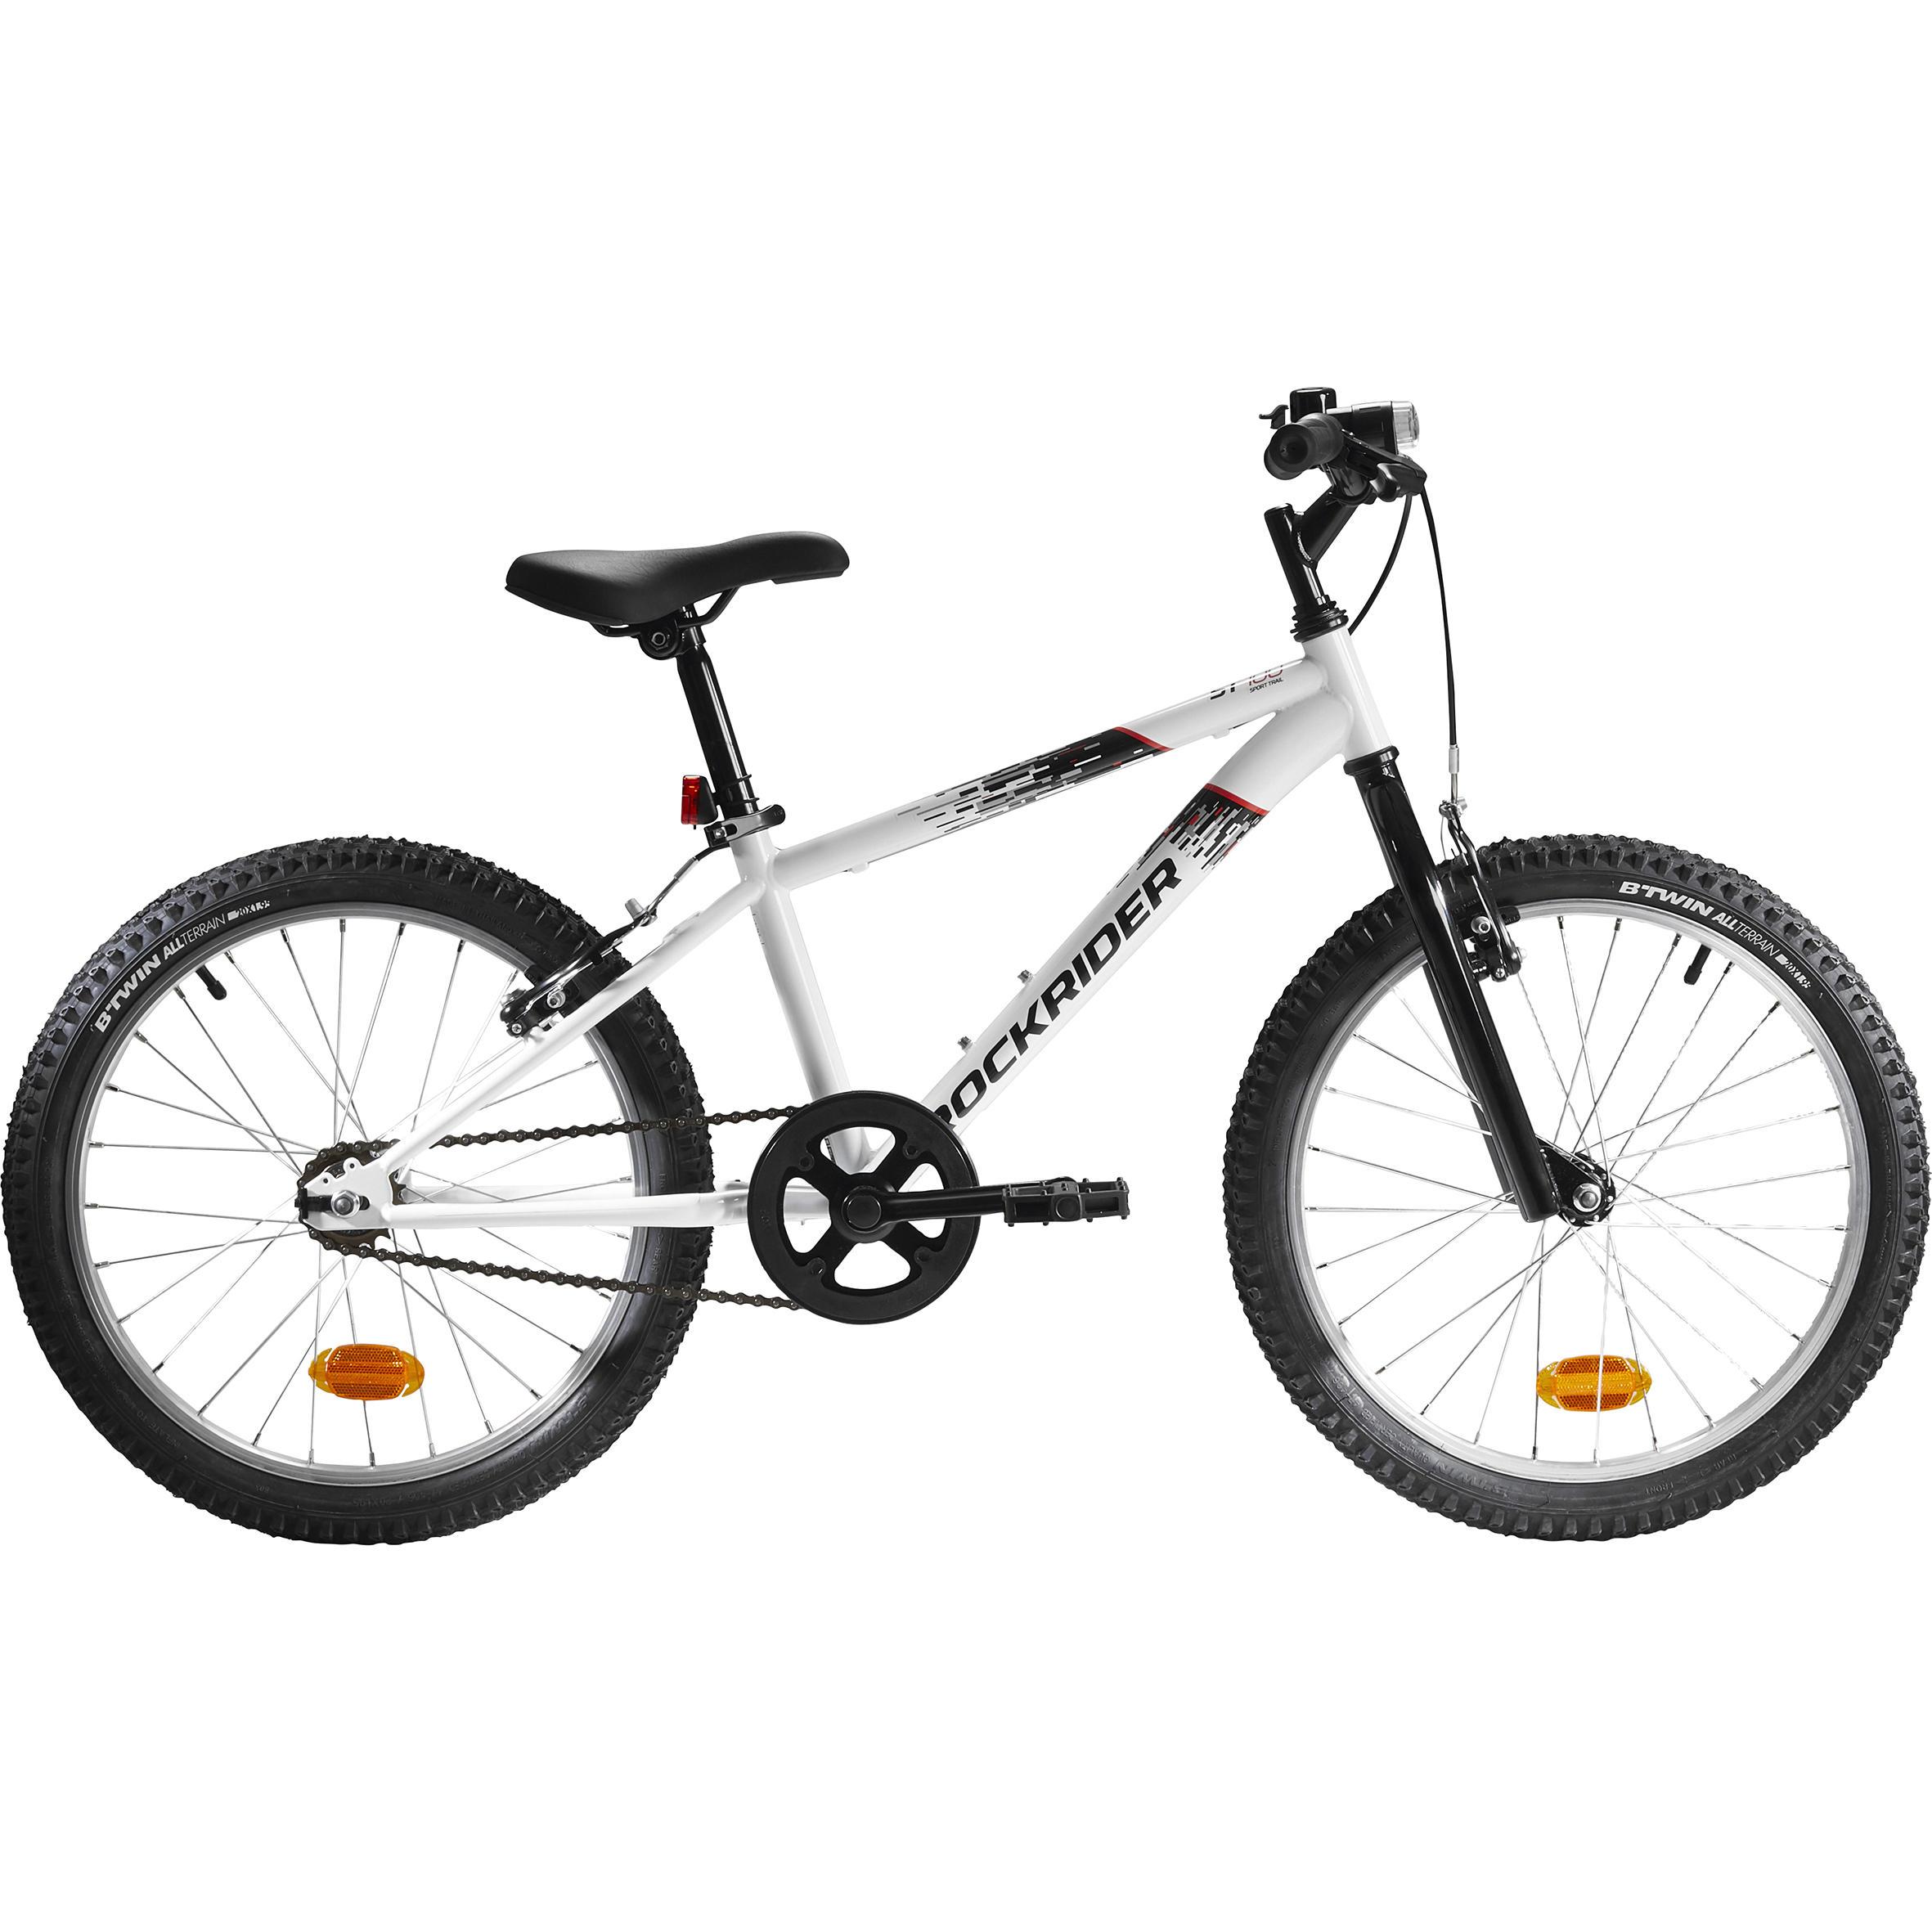 Bicicleta De Ninos Rockrider St 100 20 Decathlon